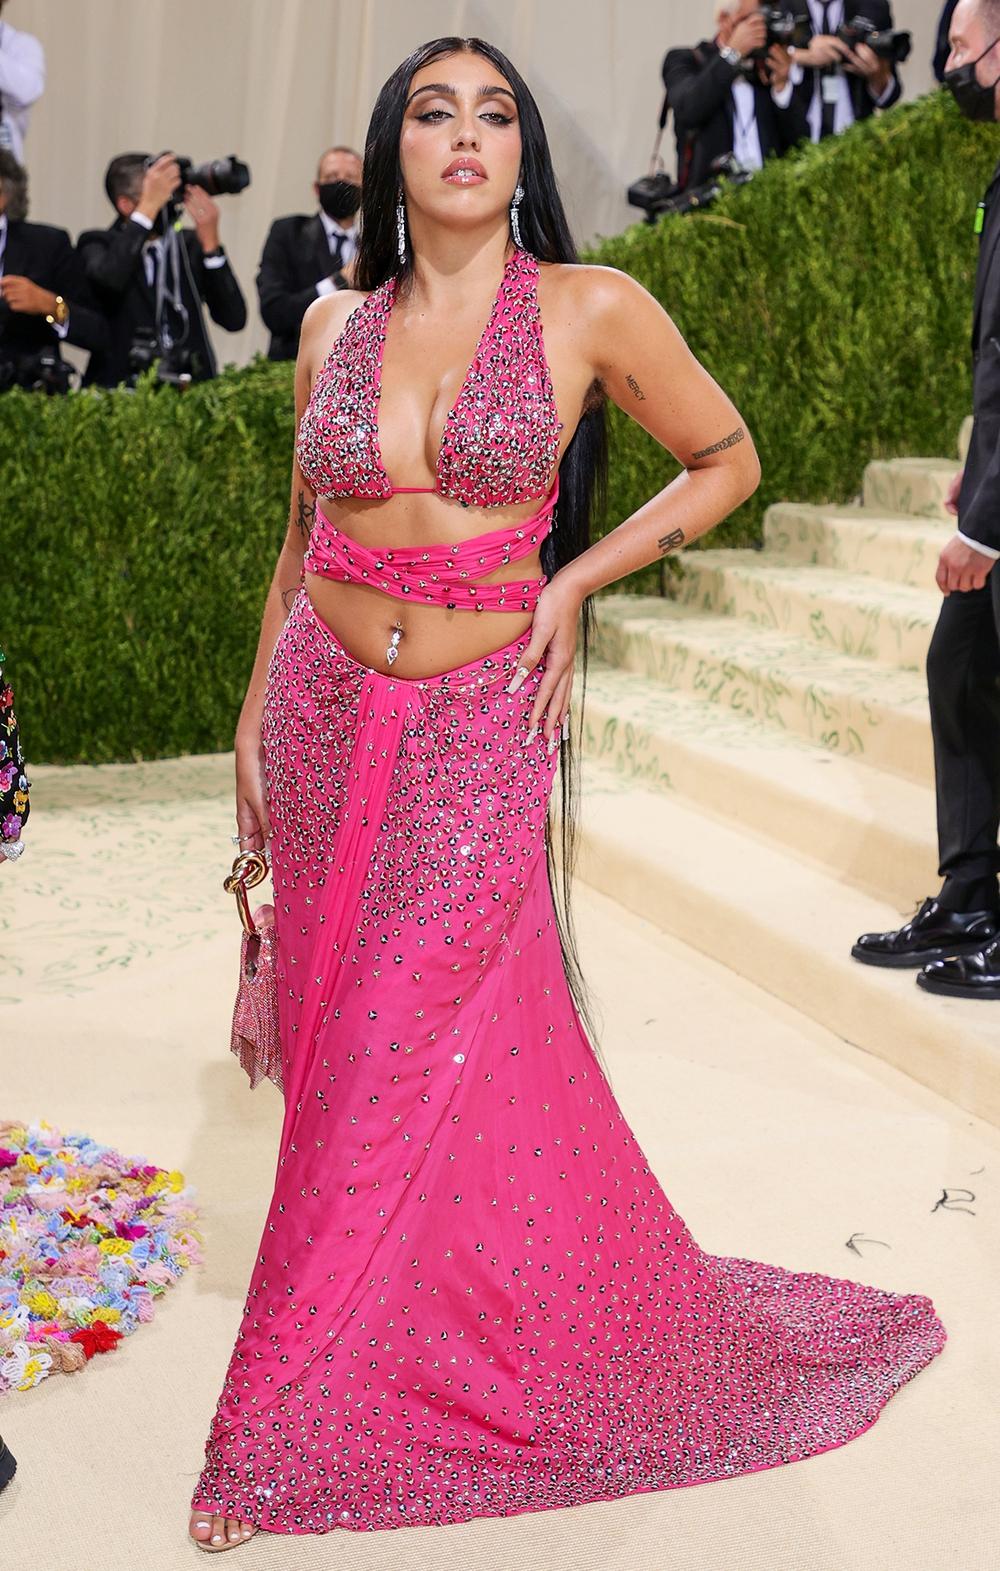 Con gái Madonna mặc hở hang, khoe lông nách và tạo dáng khó hiểu trên thảm đỏ Met Gala 2021 - Ảnh 1.